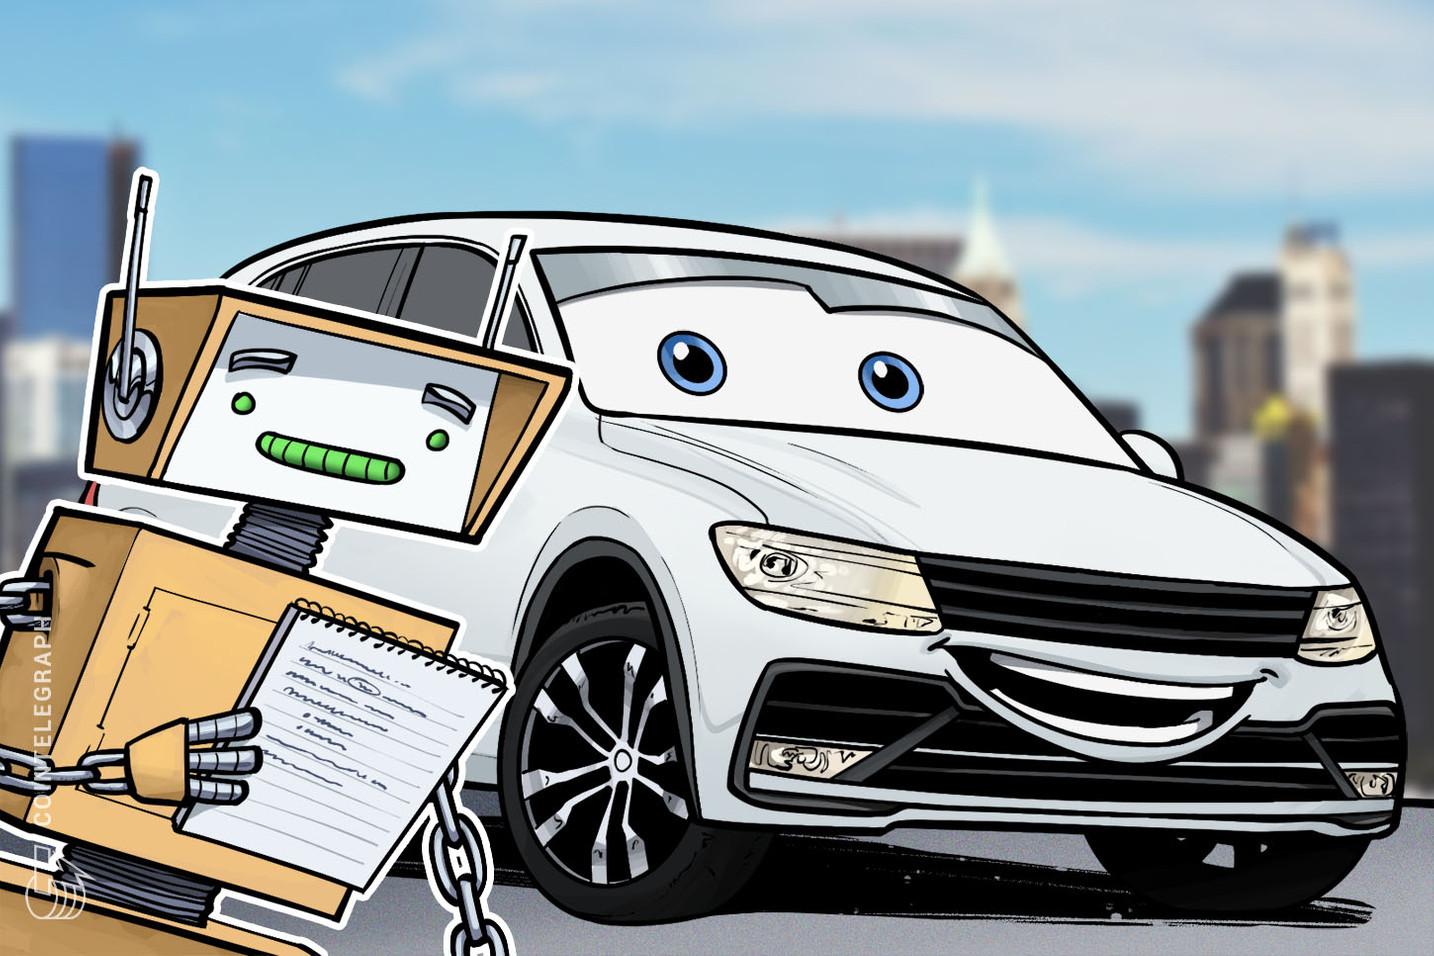 米国第4位のモバイル事業者、自動車向けブロックチェーンプラットフォームで提携